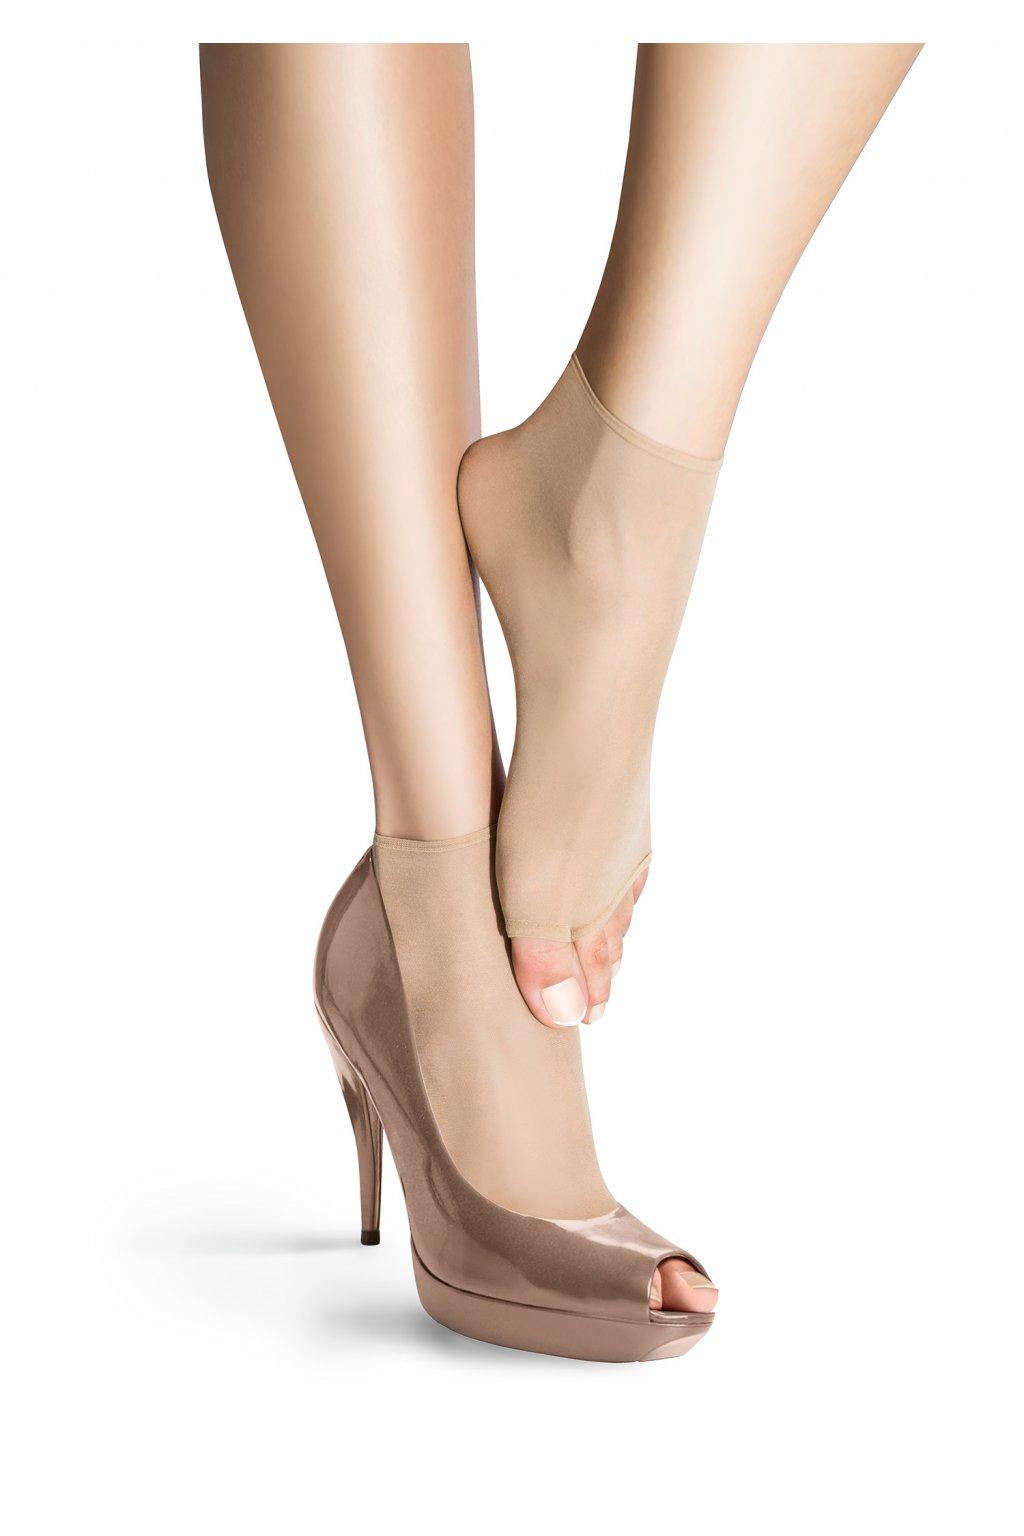 Jemné ponožky s otevřenou špičkou NF 15 NO STRESS